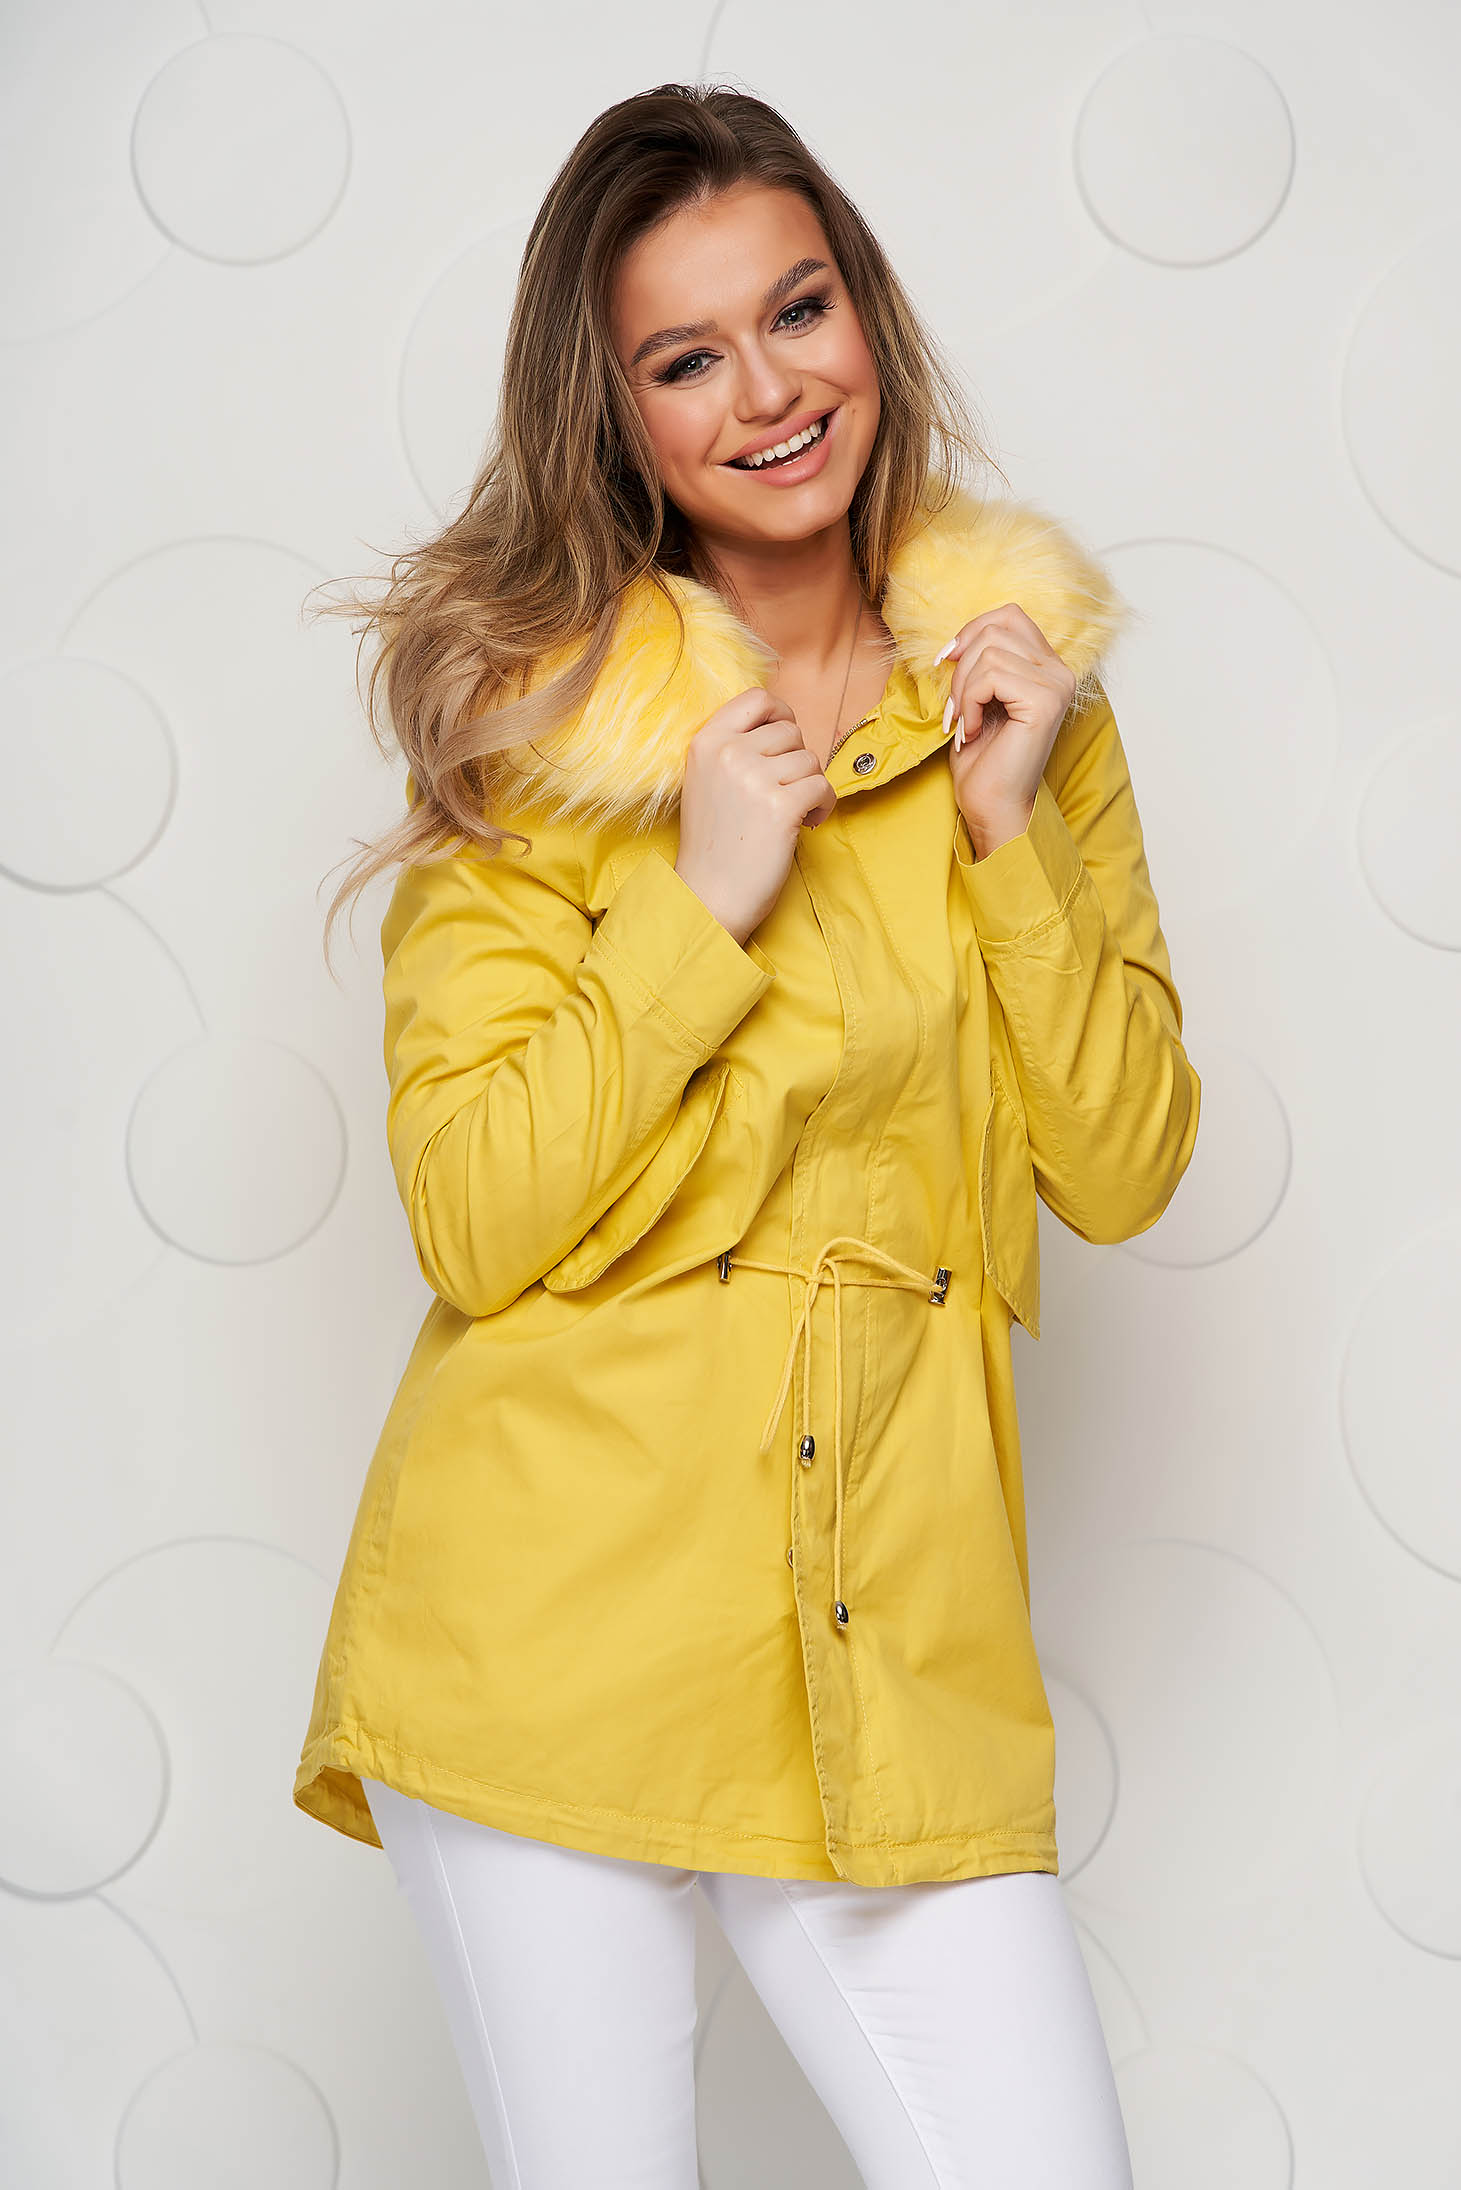 Sárga pamutból készült derékben zsinóros dzseki műszőrmével ellátva